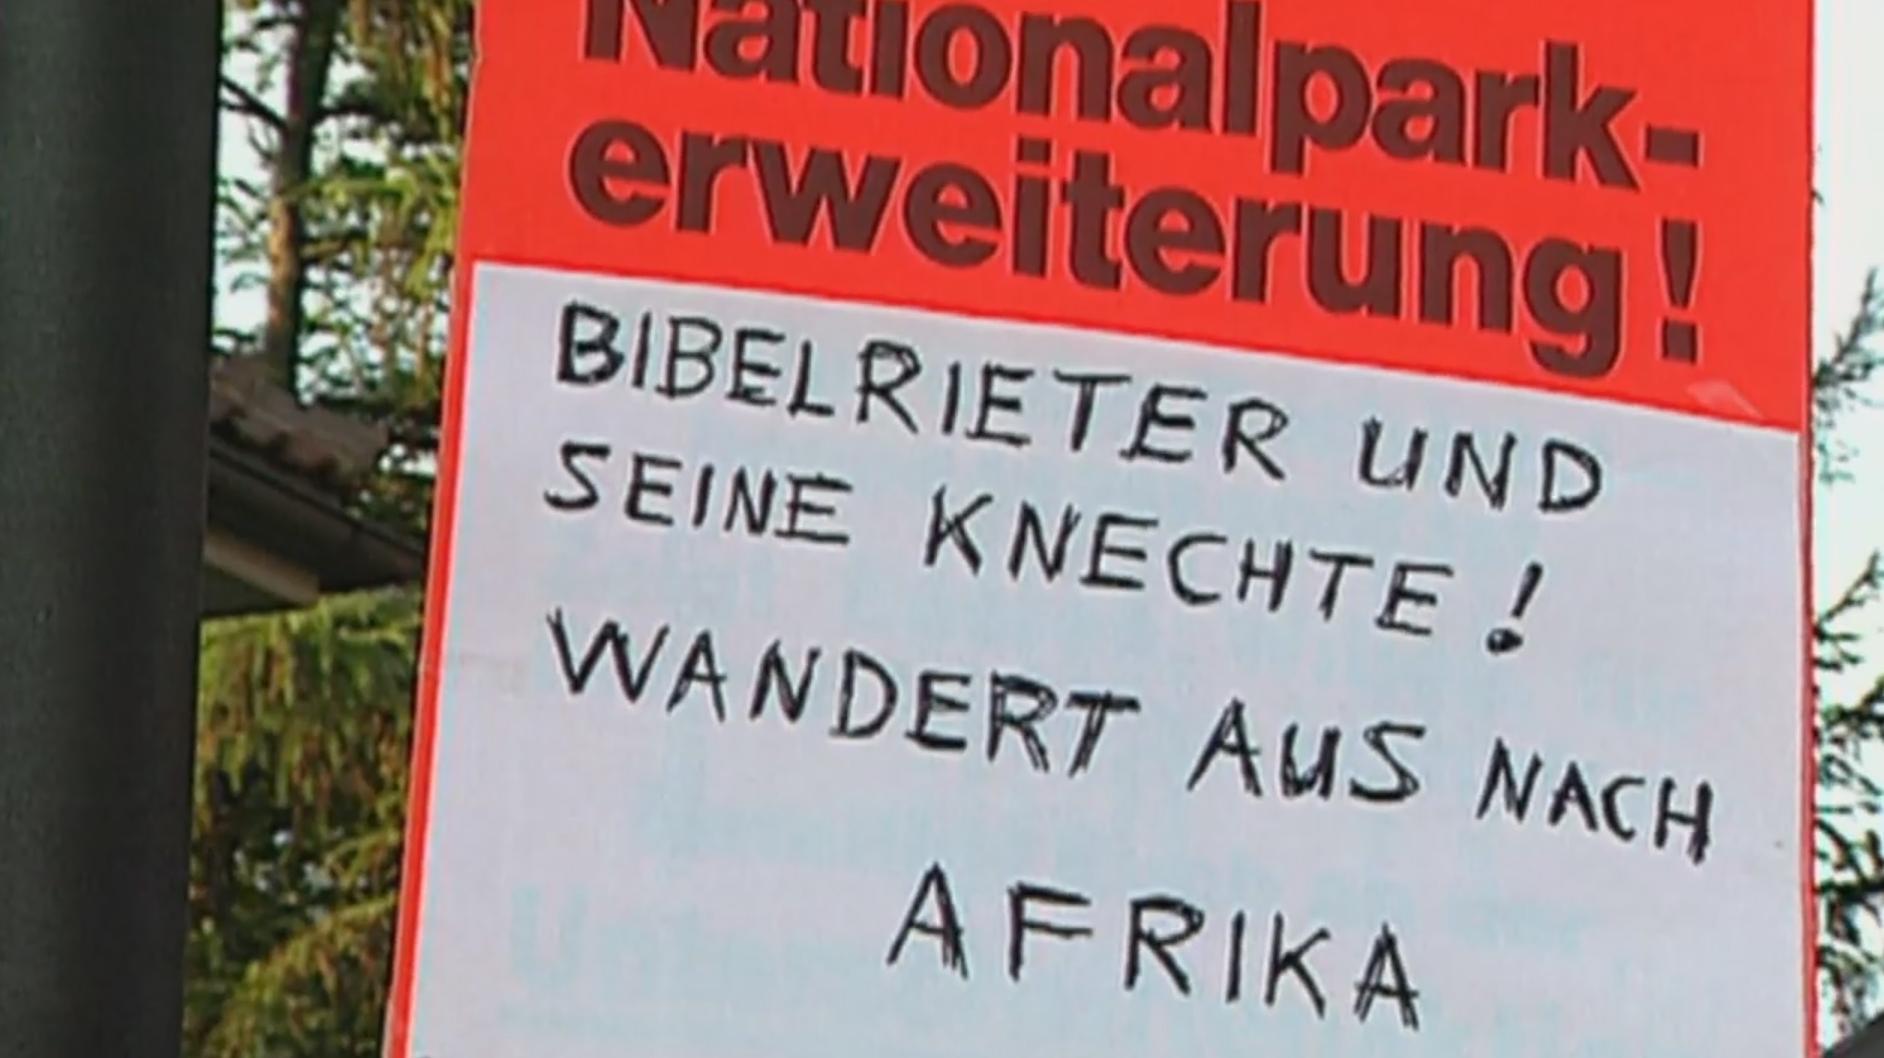 Ein Schild mit der Aufschrift: Nationalparkerweiterung: Bibelrieter und seine Knechte! Wandert aus nach Afrika